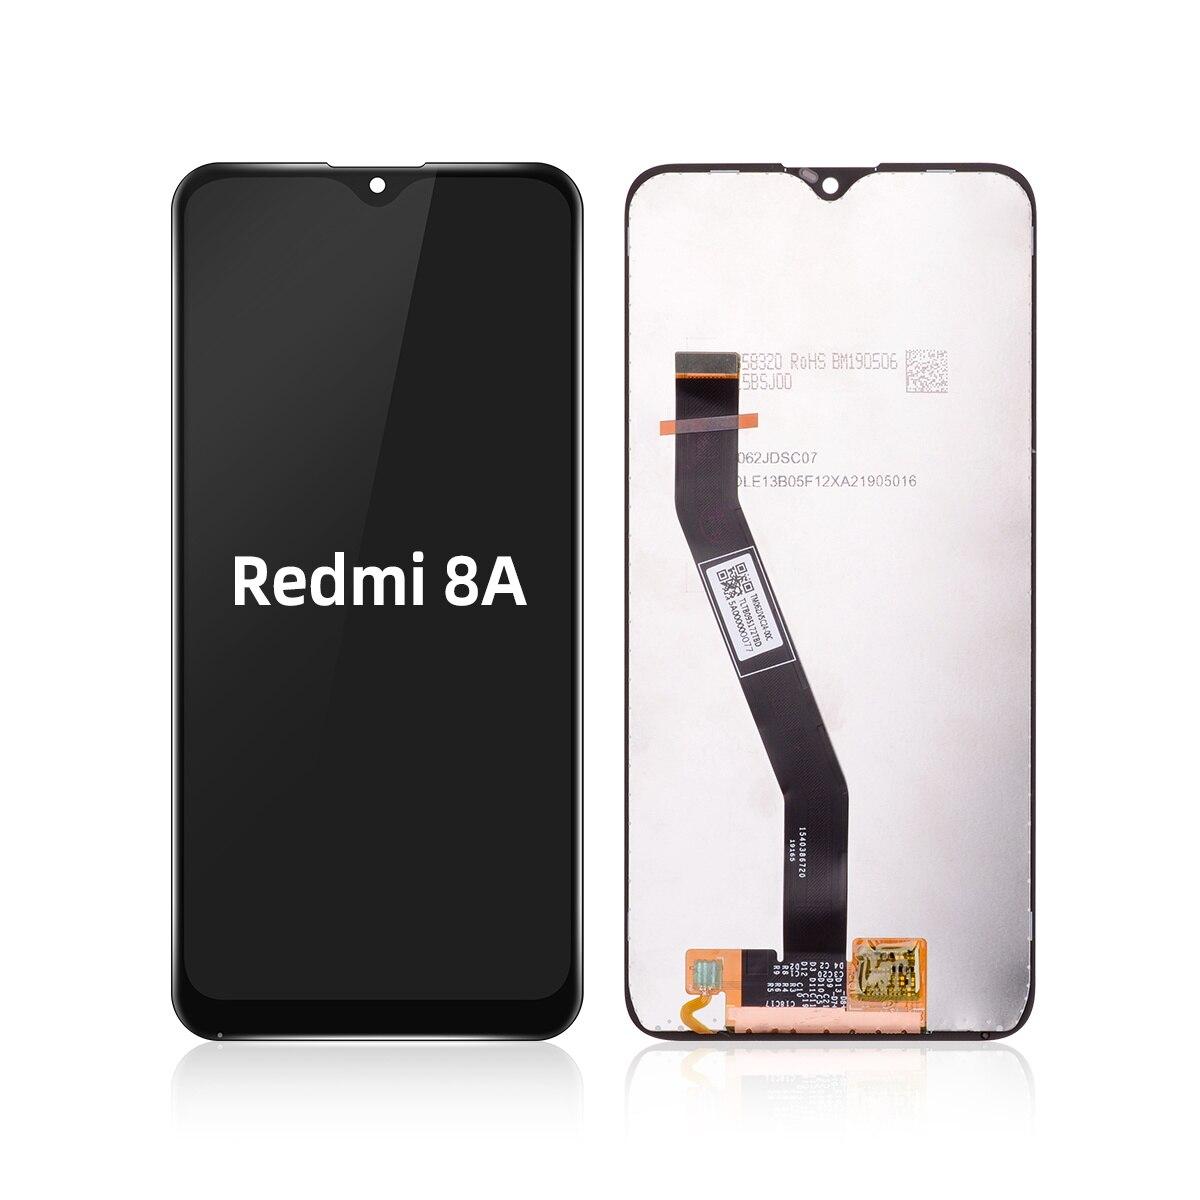 ال سی دی شیائومی ردمی 8A مشکی LCD REDMI 8A Black XIAOMI